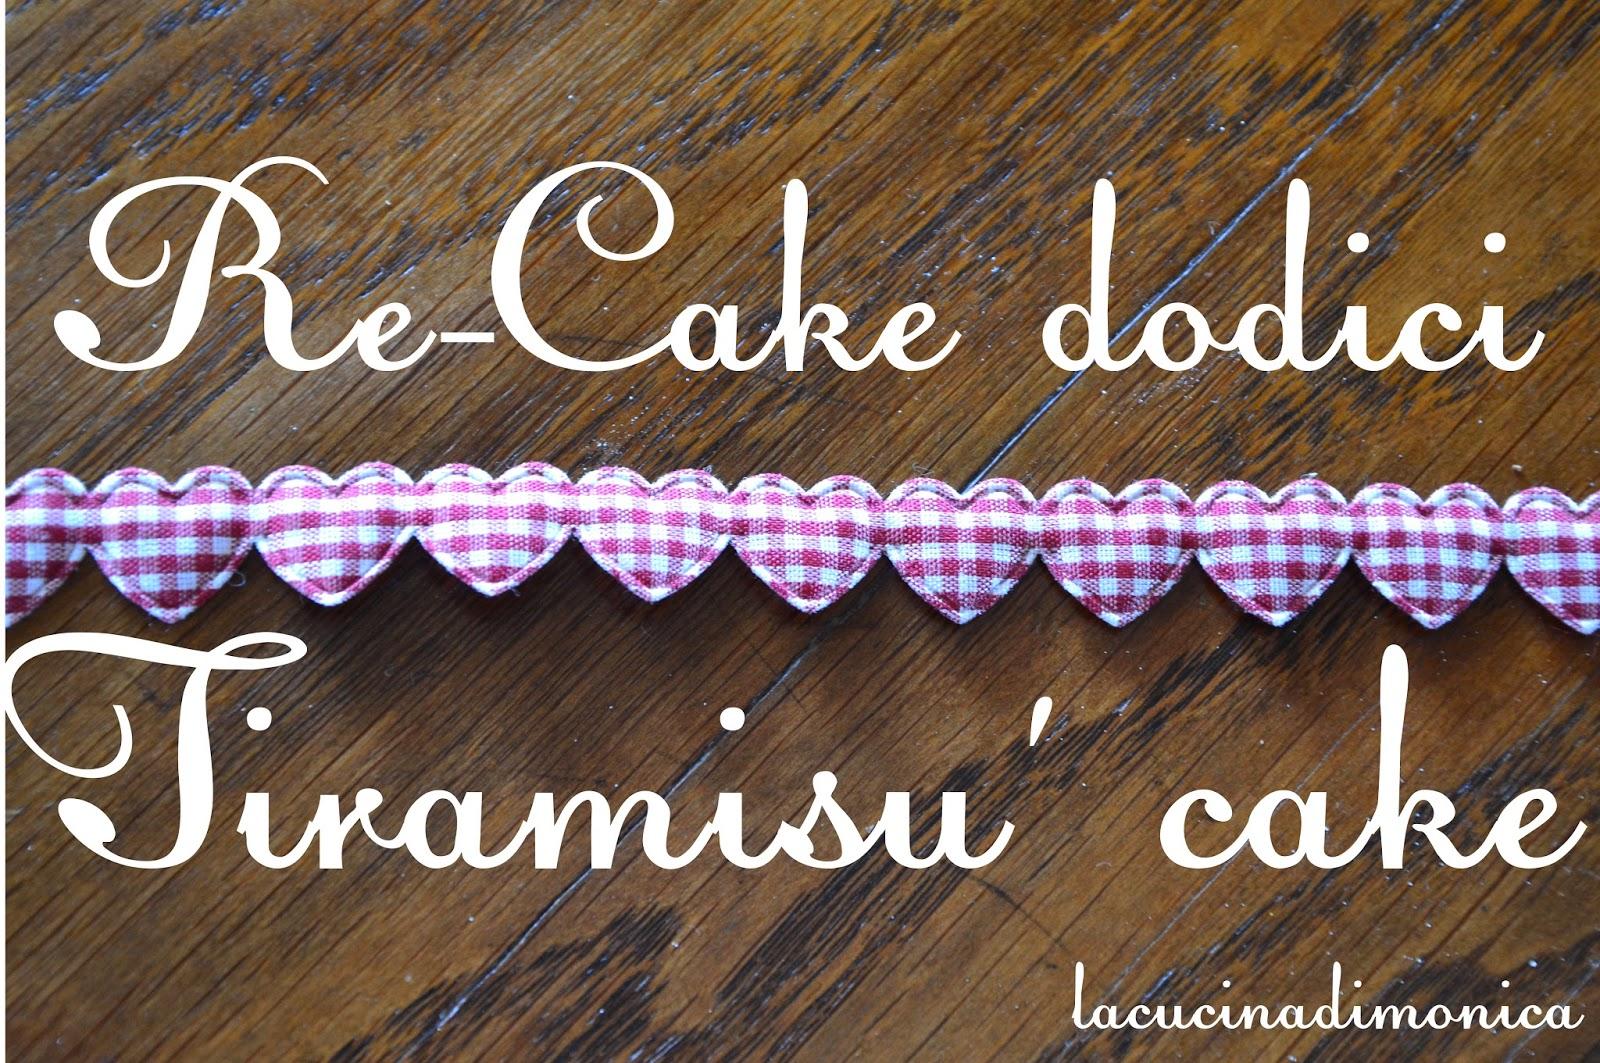 tiramisu' cake - torta al tiramisù re cake 12